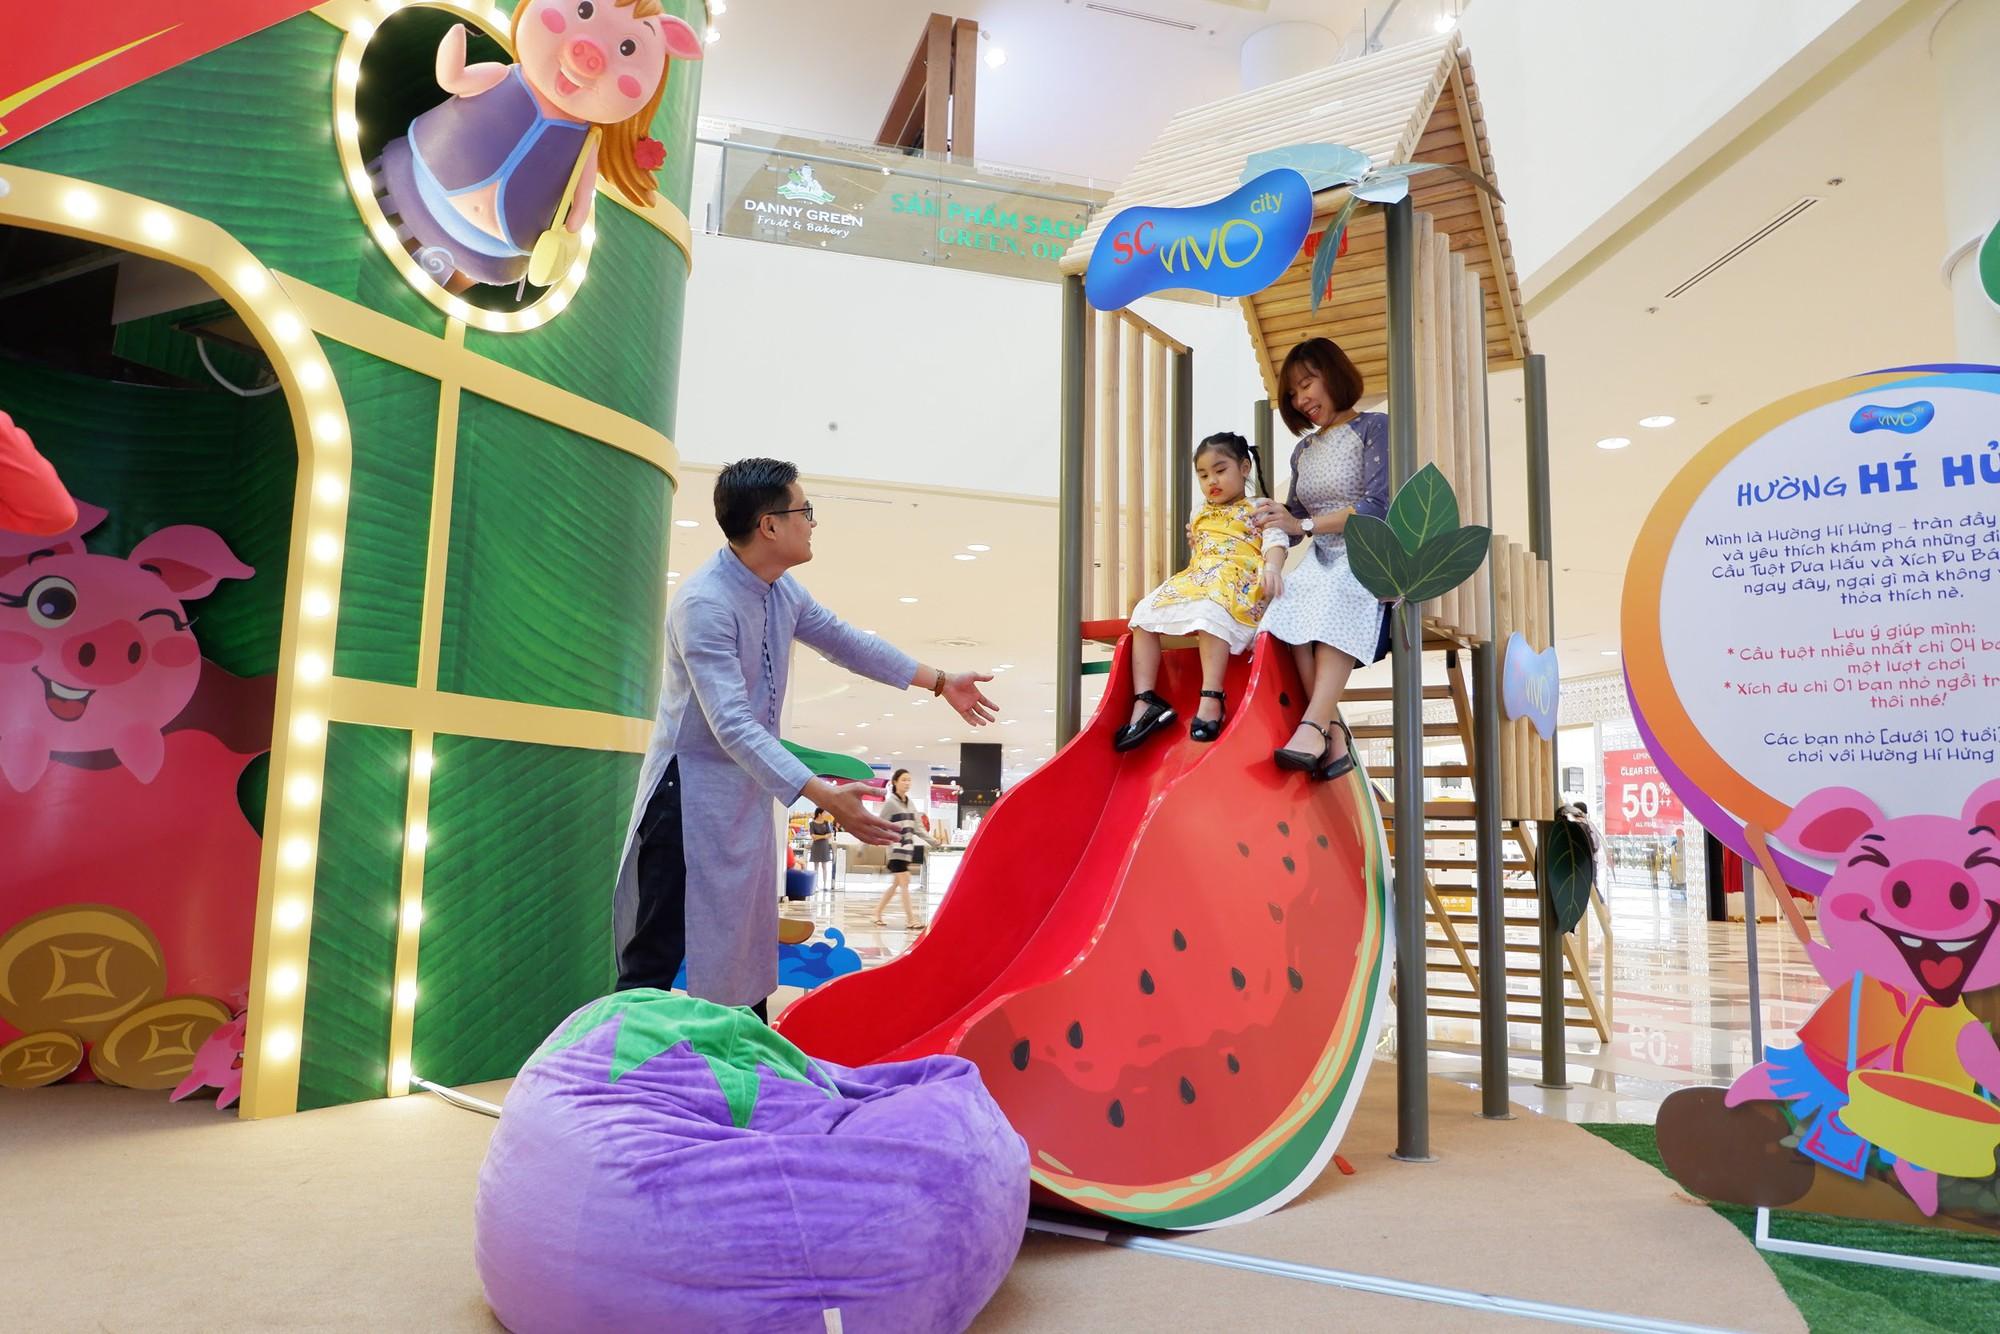 Tết 2019: Xứ sở Heo Hường độc đáo khiến giới trẻ đua nhau check-in chao đảo - Ảnh 3.